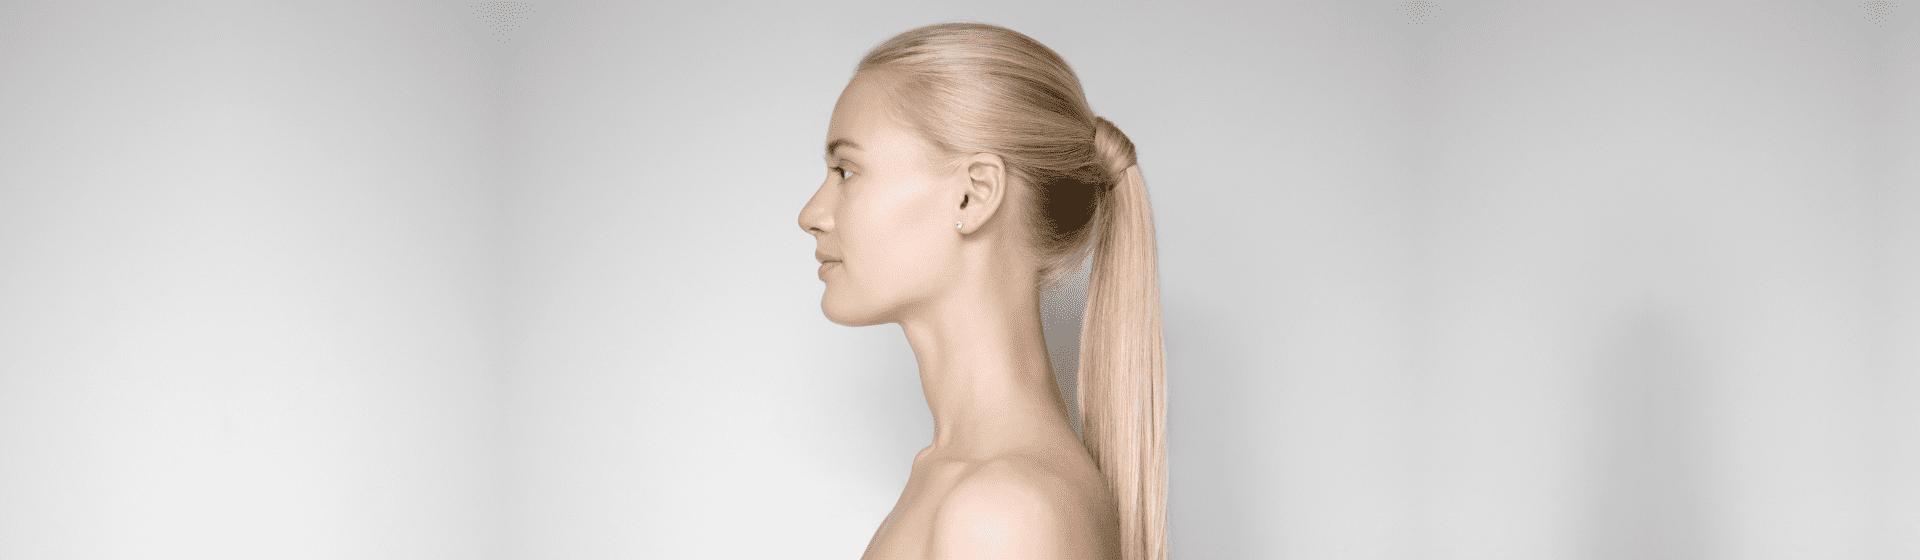 Como matizar o cabelo com tinta? Dicas e produtos para loiros